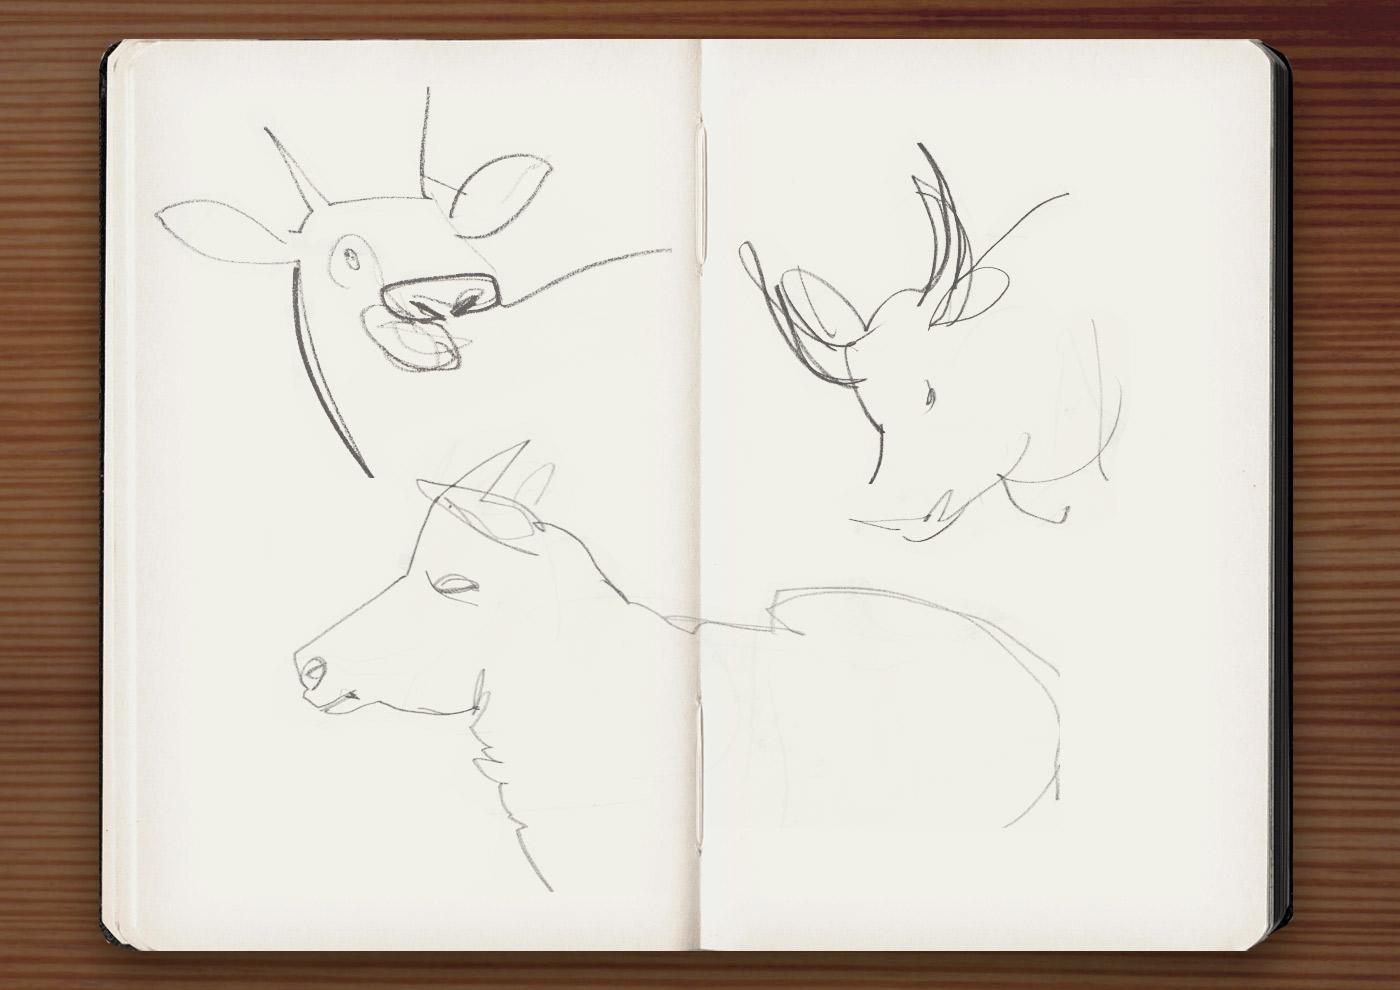 Skizzen von Kühen in der Ménagerie, dem Zoo des Jardin des Plantes, in Paris